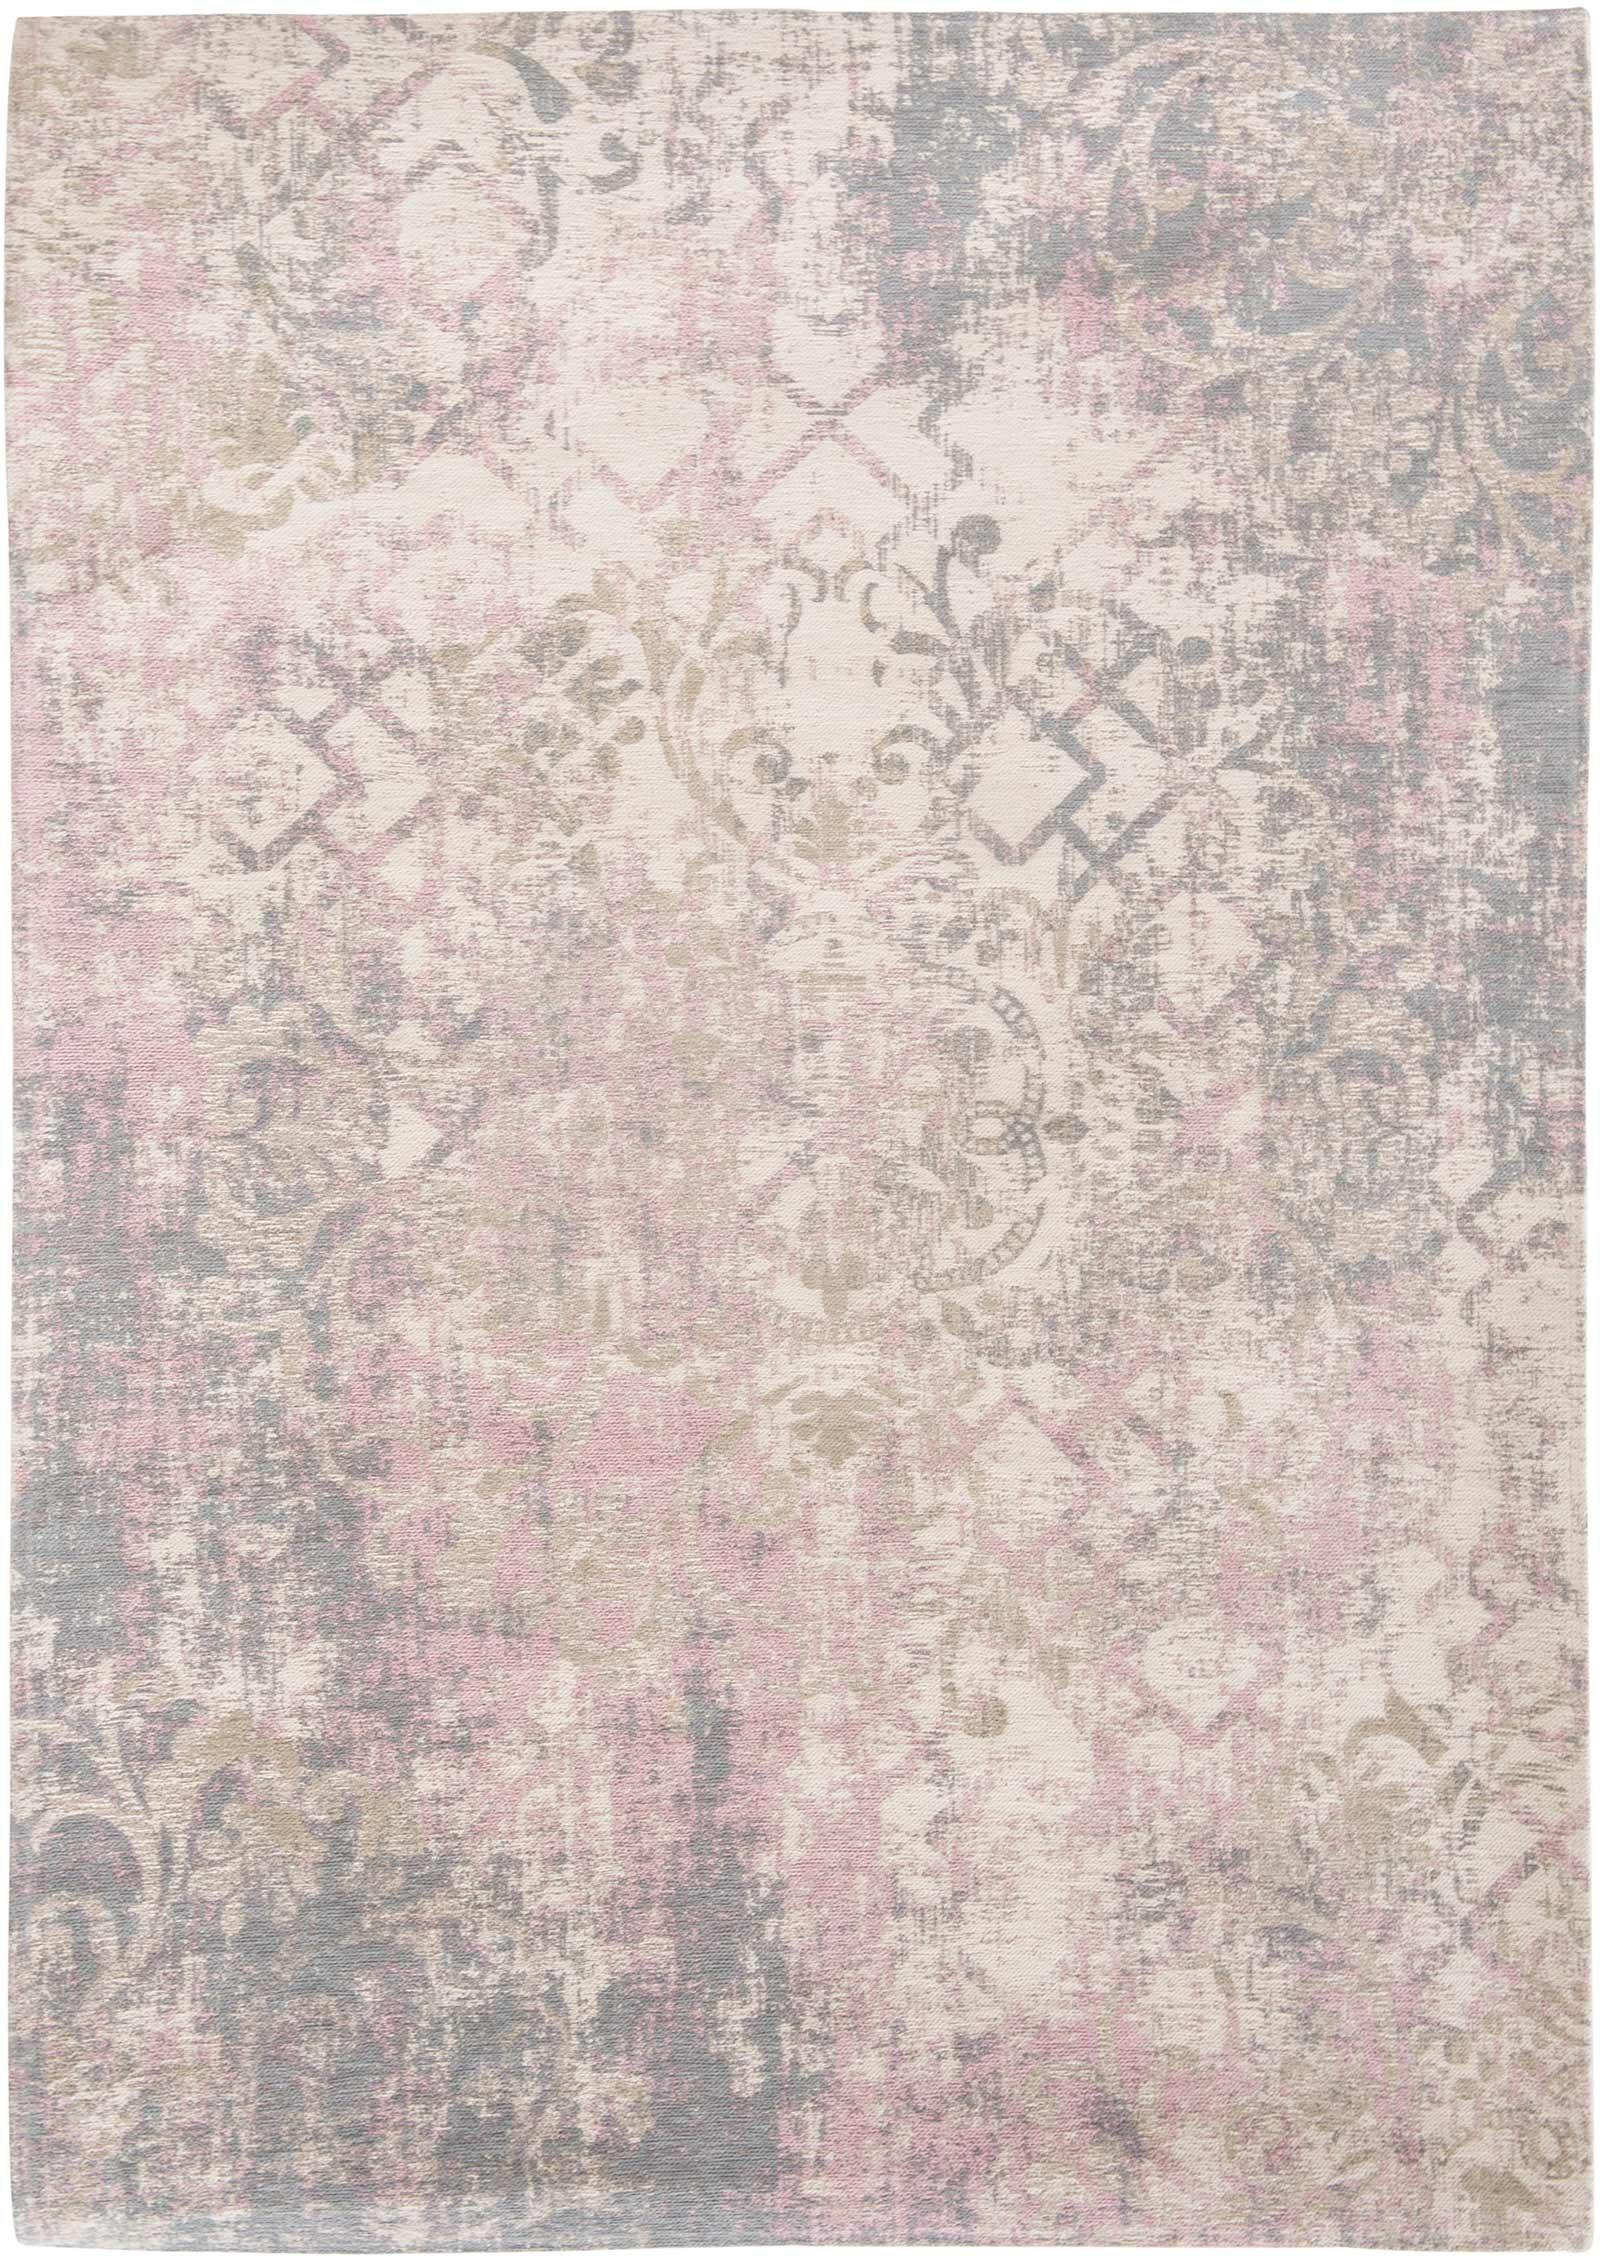 louis de poortere rug fading world algarve 8546 babylon. Black Bedroom Furniture Sets. Home Design Ideas